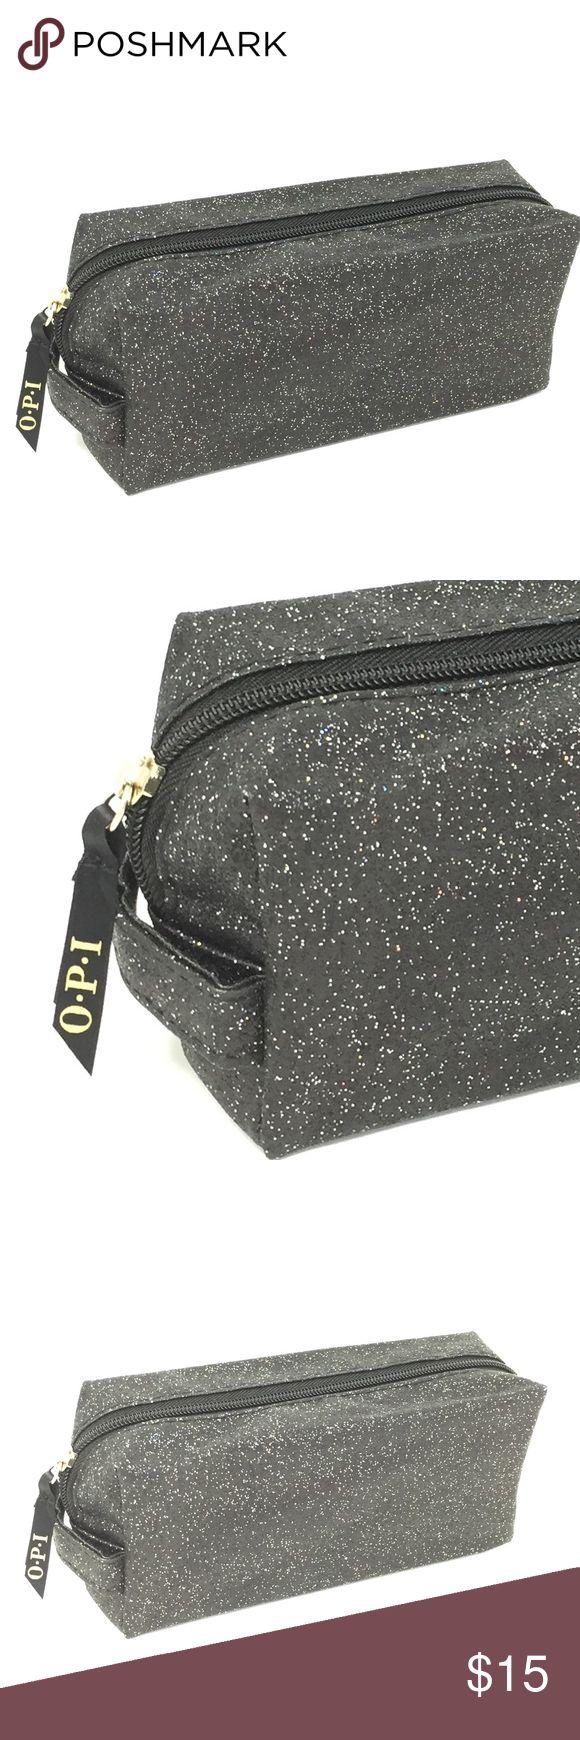 3 for 20 OPI Glitter Blk Makeup/Nail Bag Nail bags